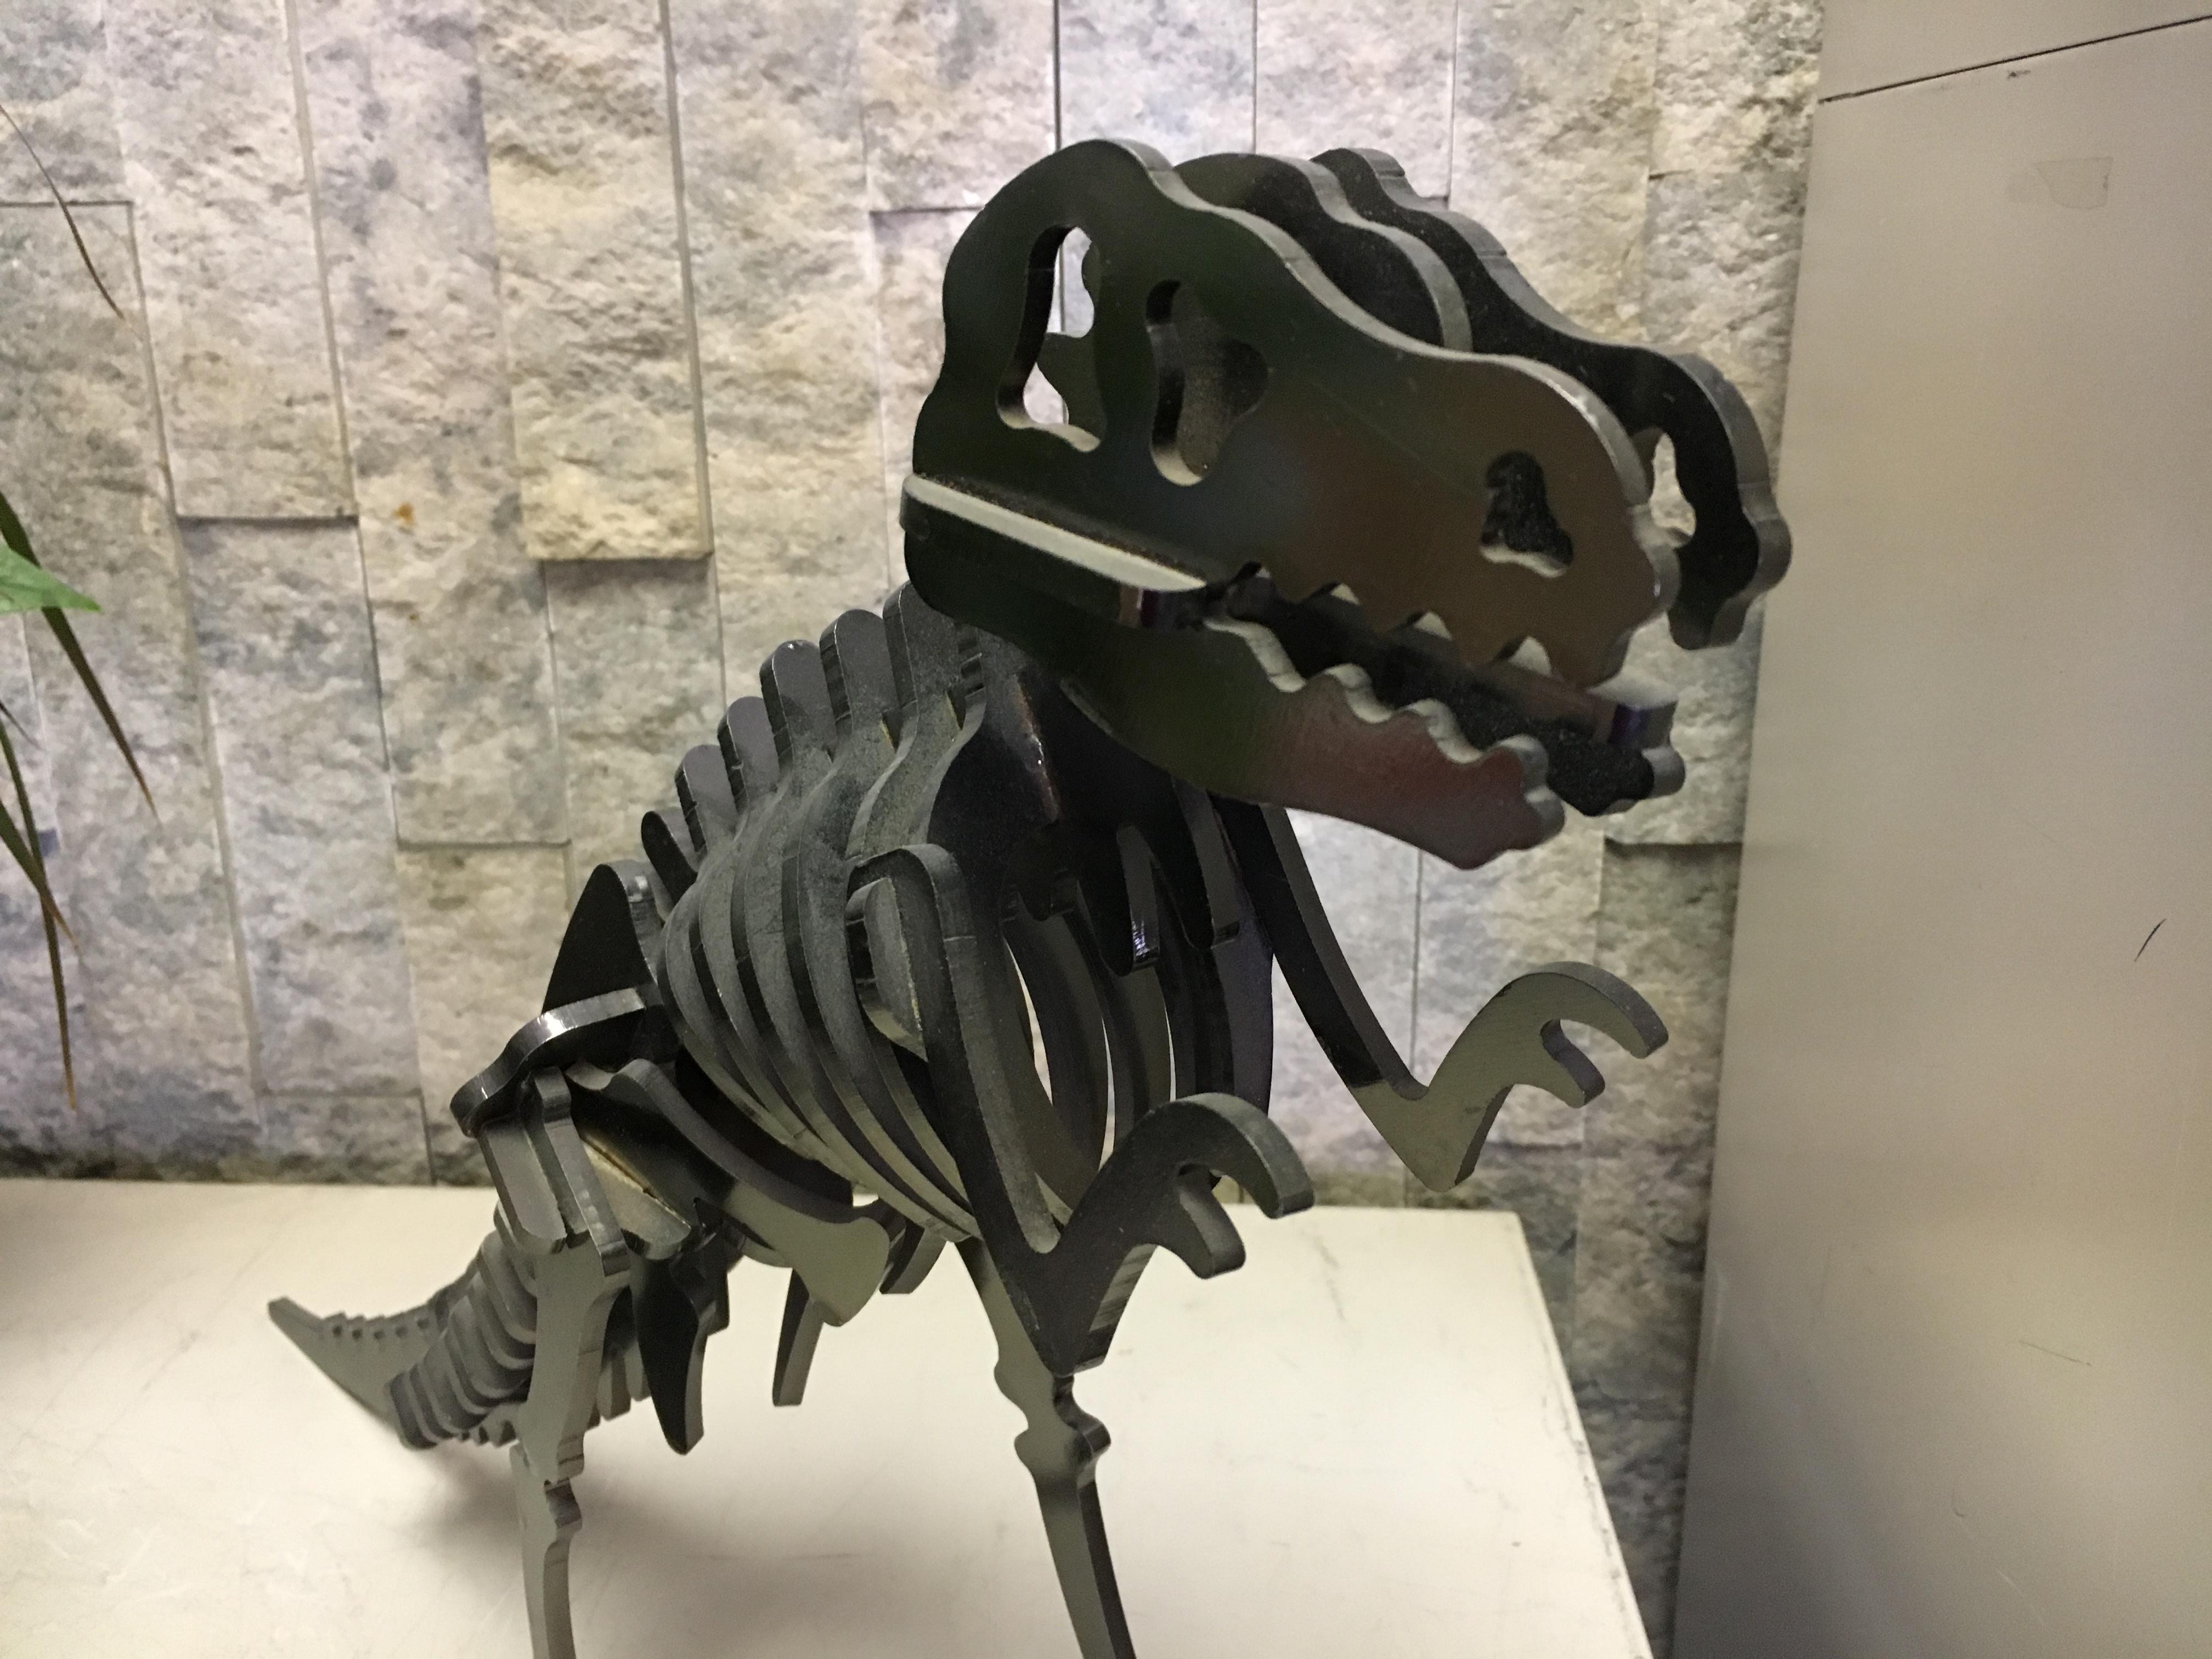 https://0901.nccdn.net/4_2/000/000/038/2d3/Dino-4-4032x3024.jpg